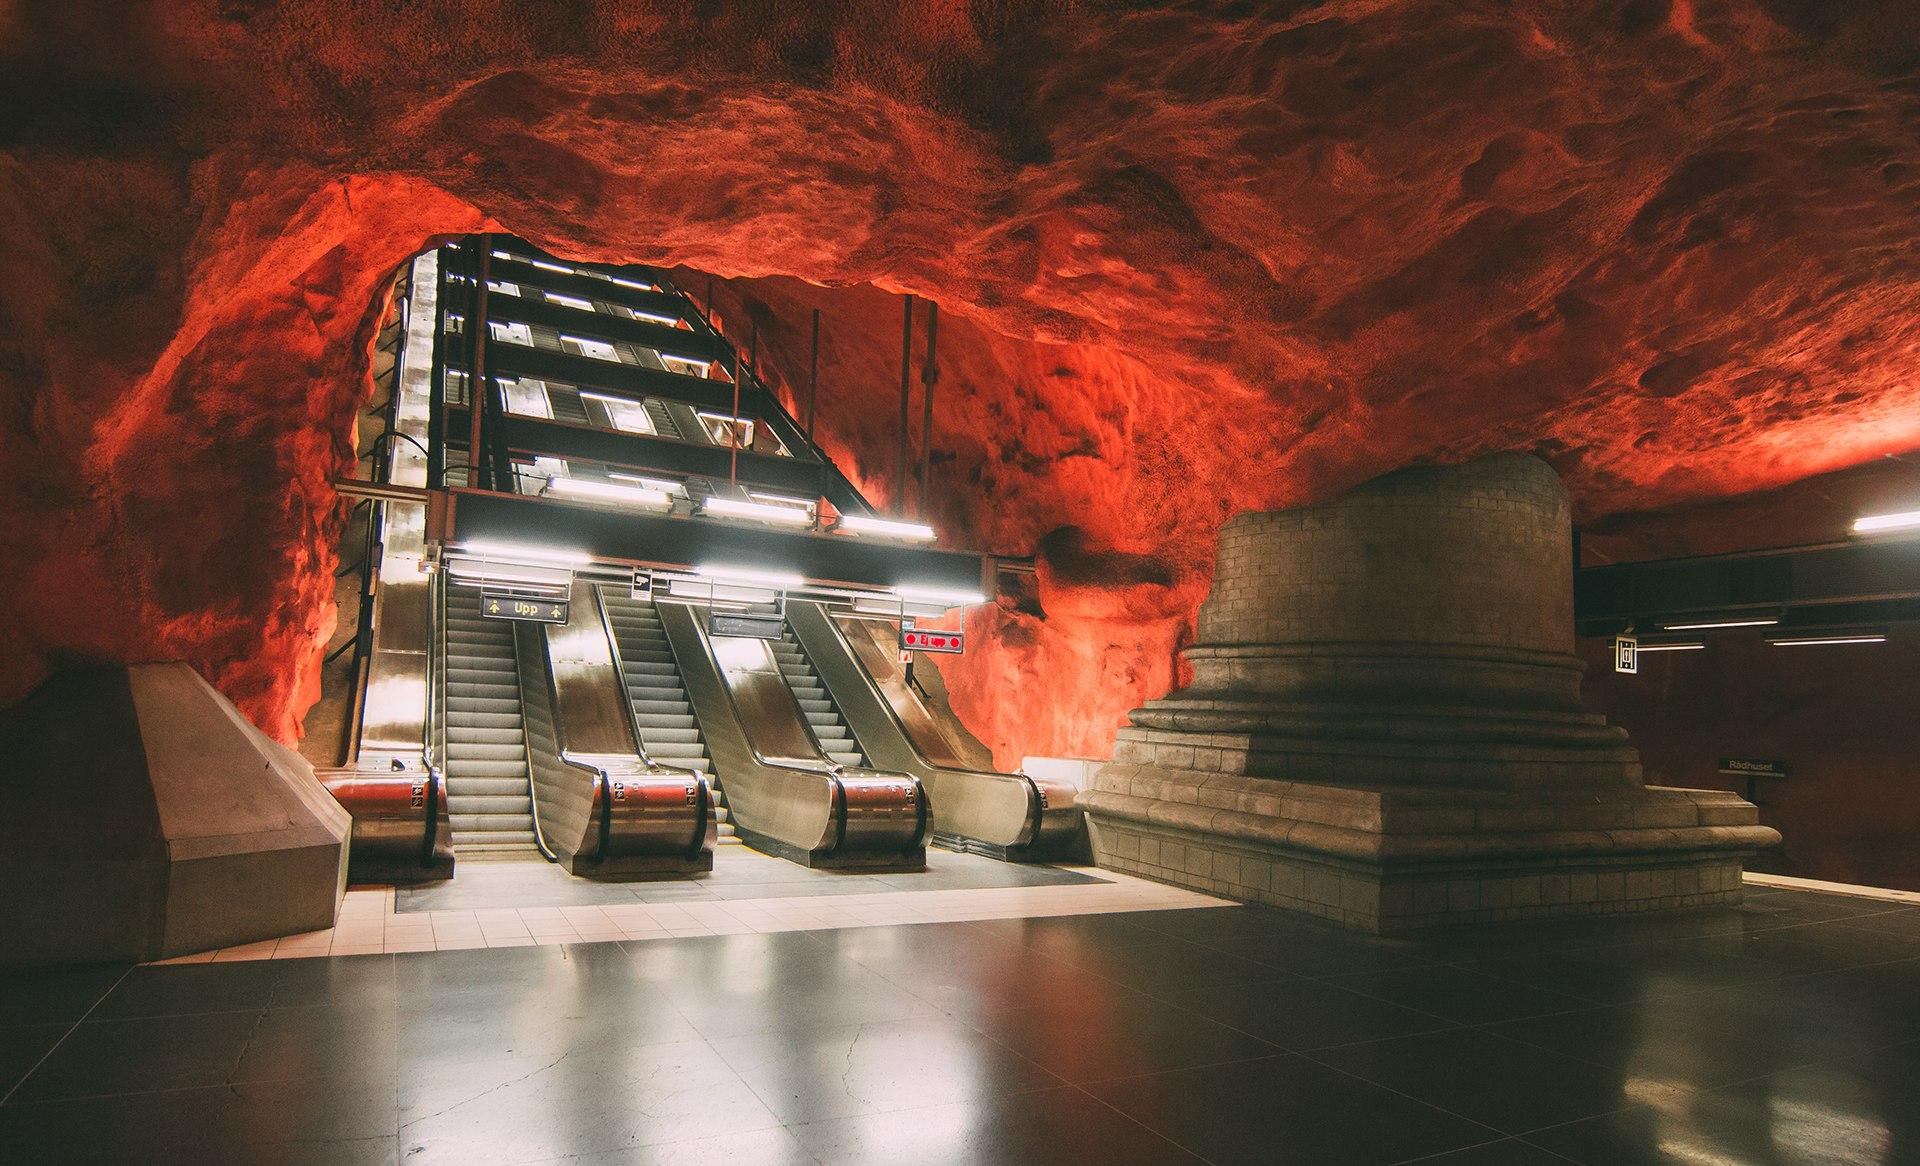 Метро Стокгольма, арт галерея метро, Швеция